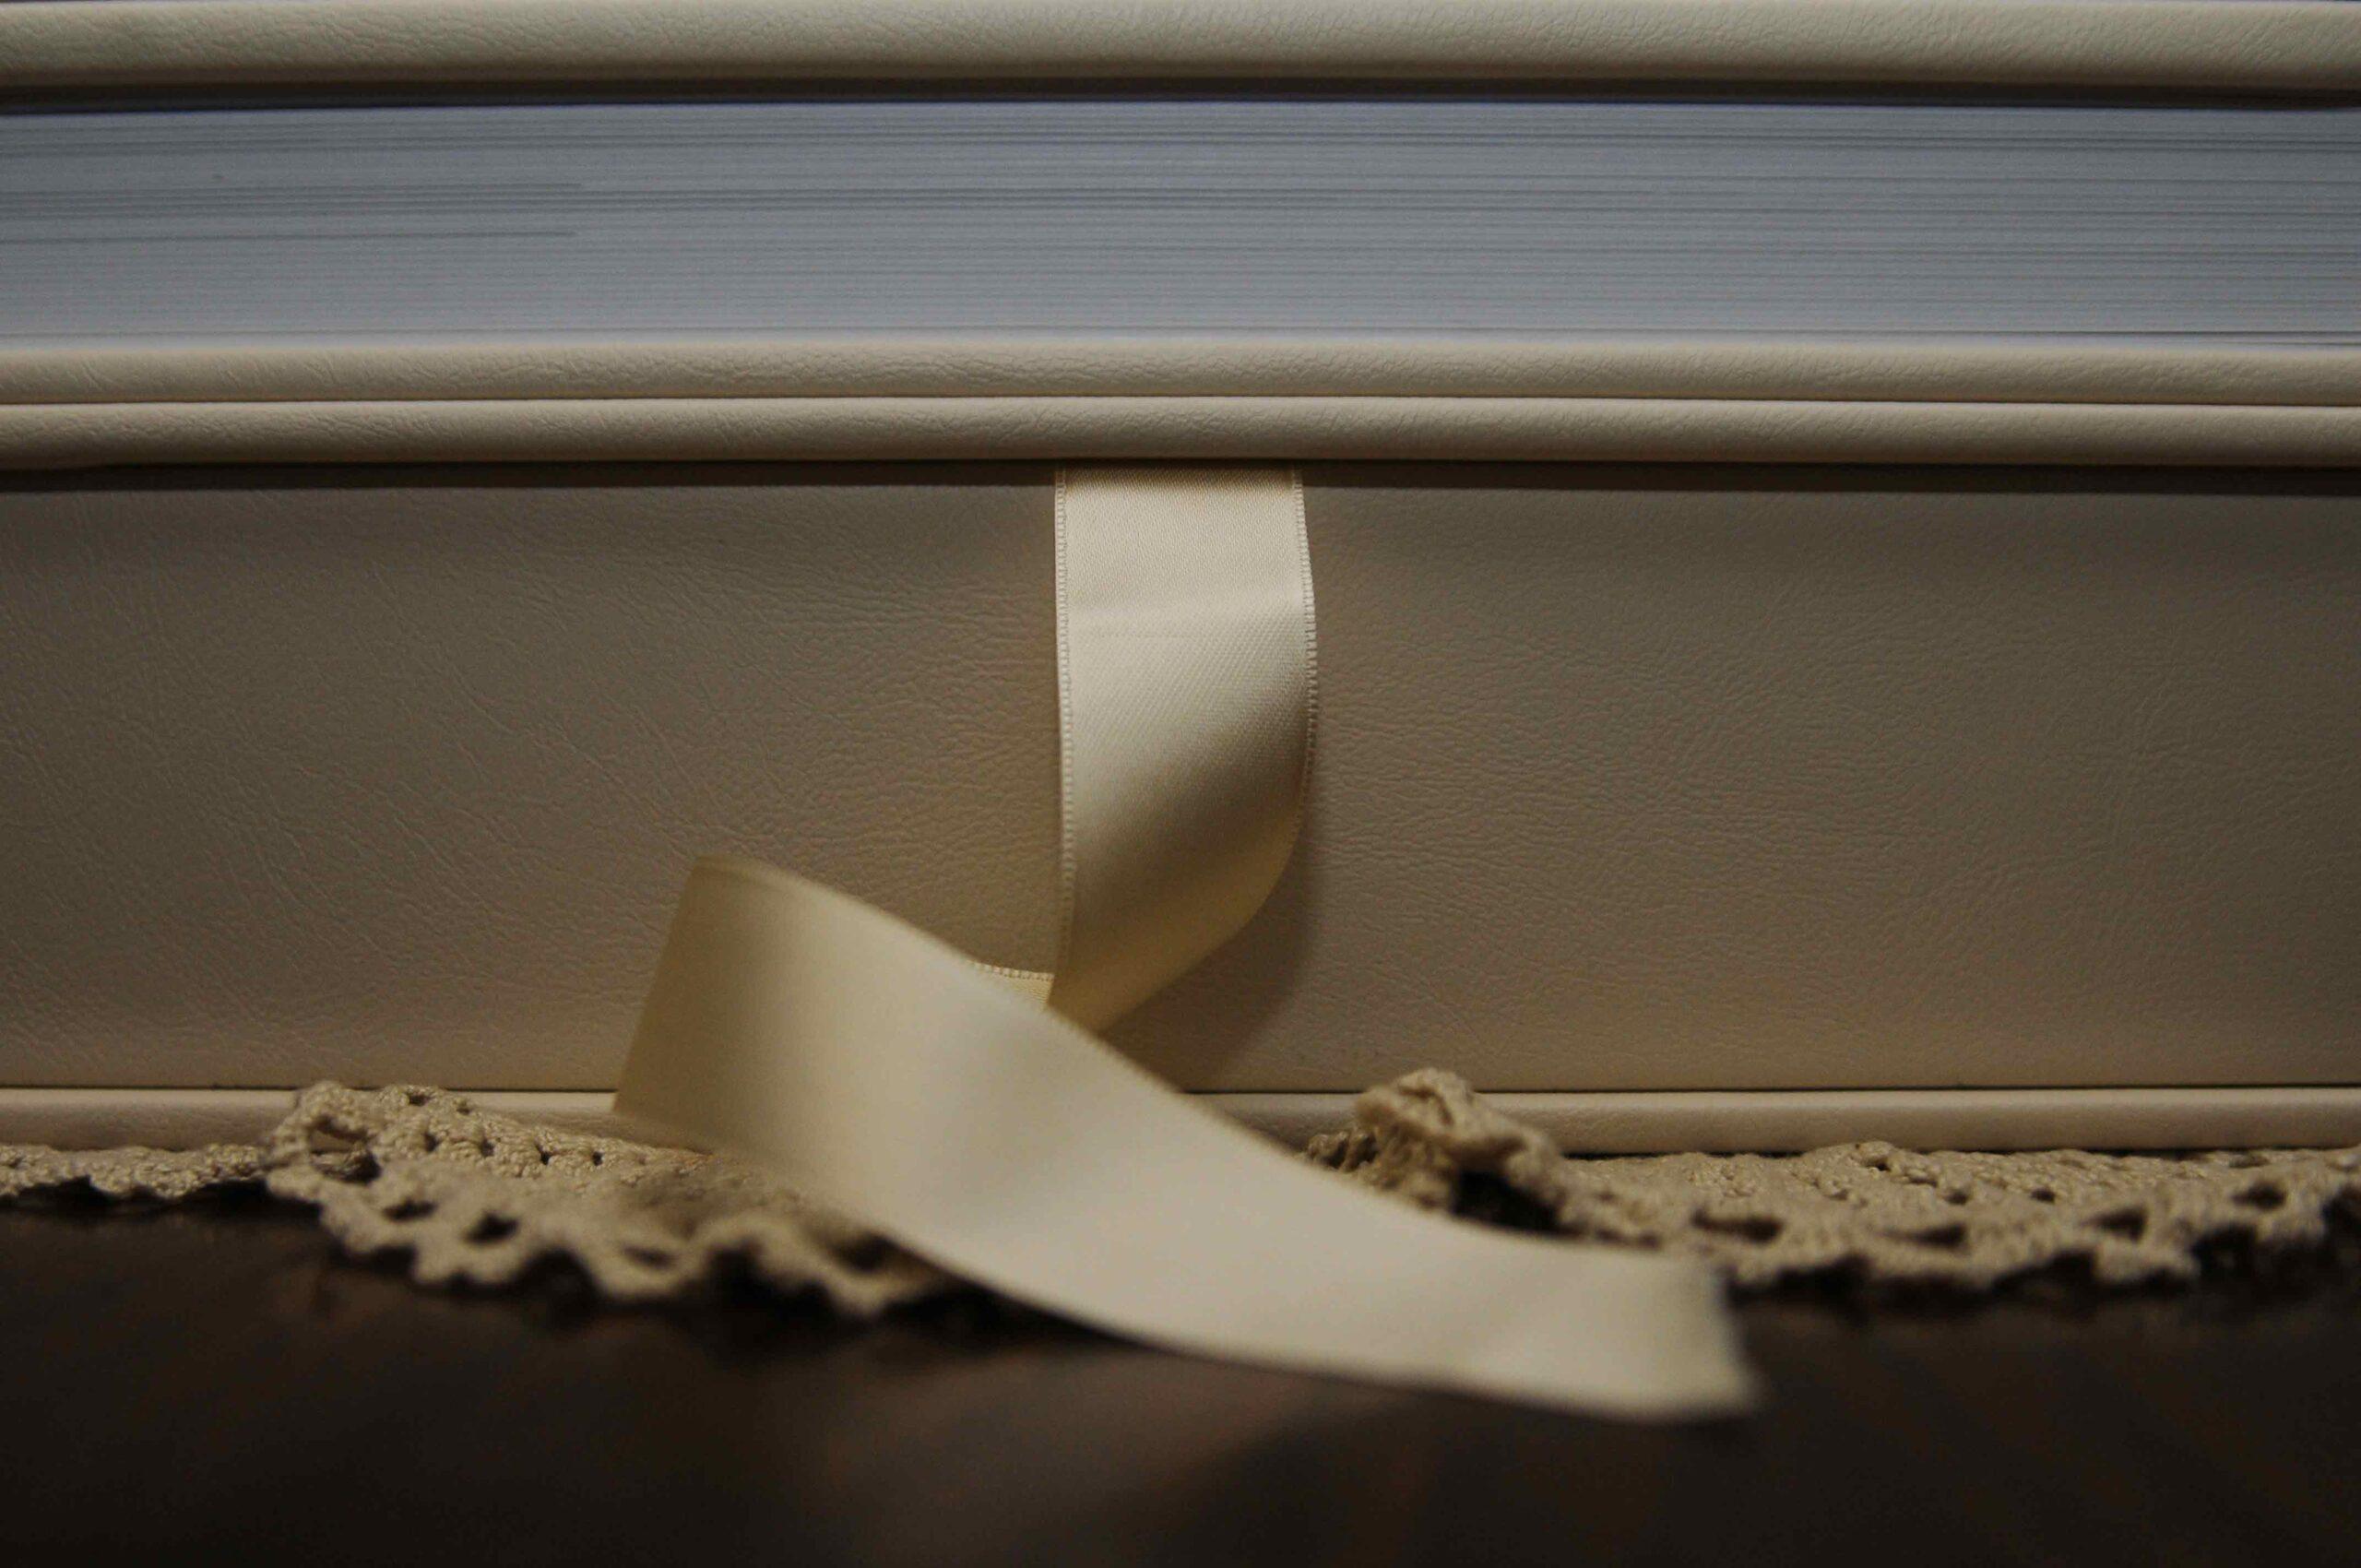 08 - Fotolibri Personalizzati - Fabrizio Musolino Fotografo Roma